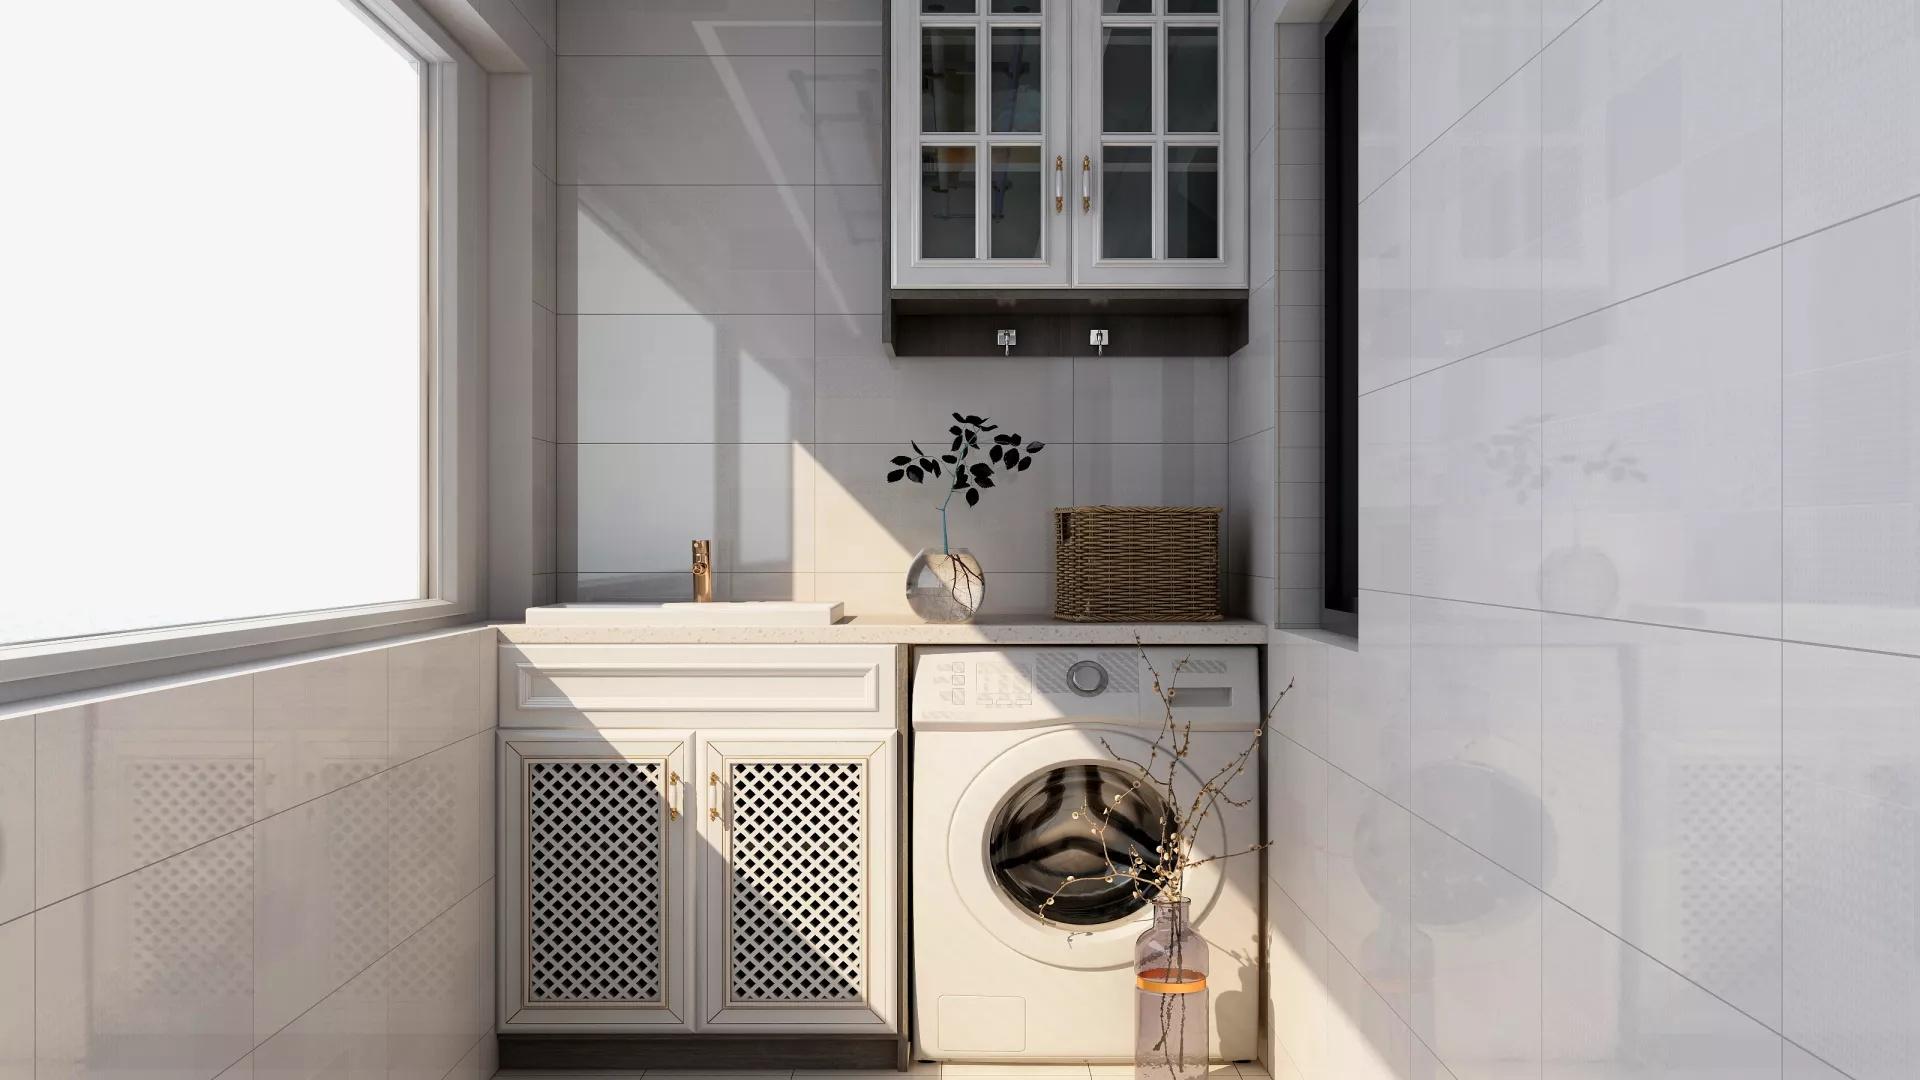 申花洗衣机怎么样 申花洗衣机多少钱